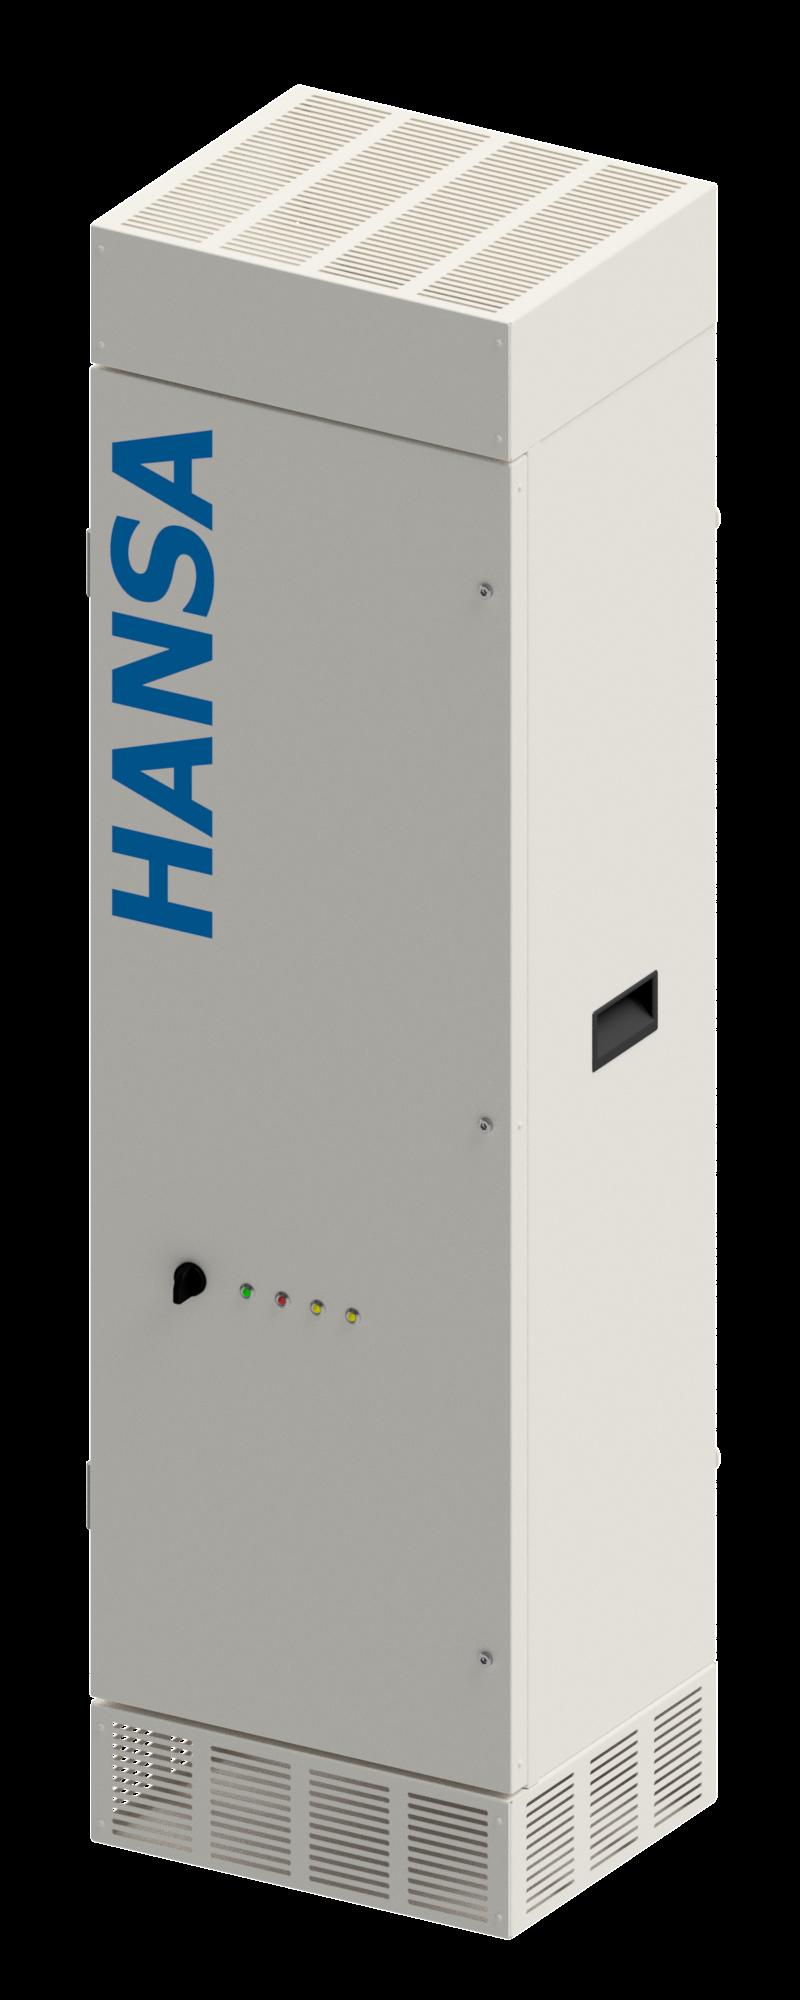 HANSA HEPA-TOWER 400